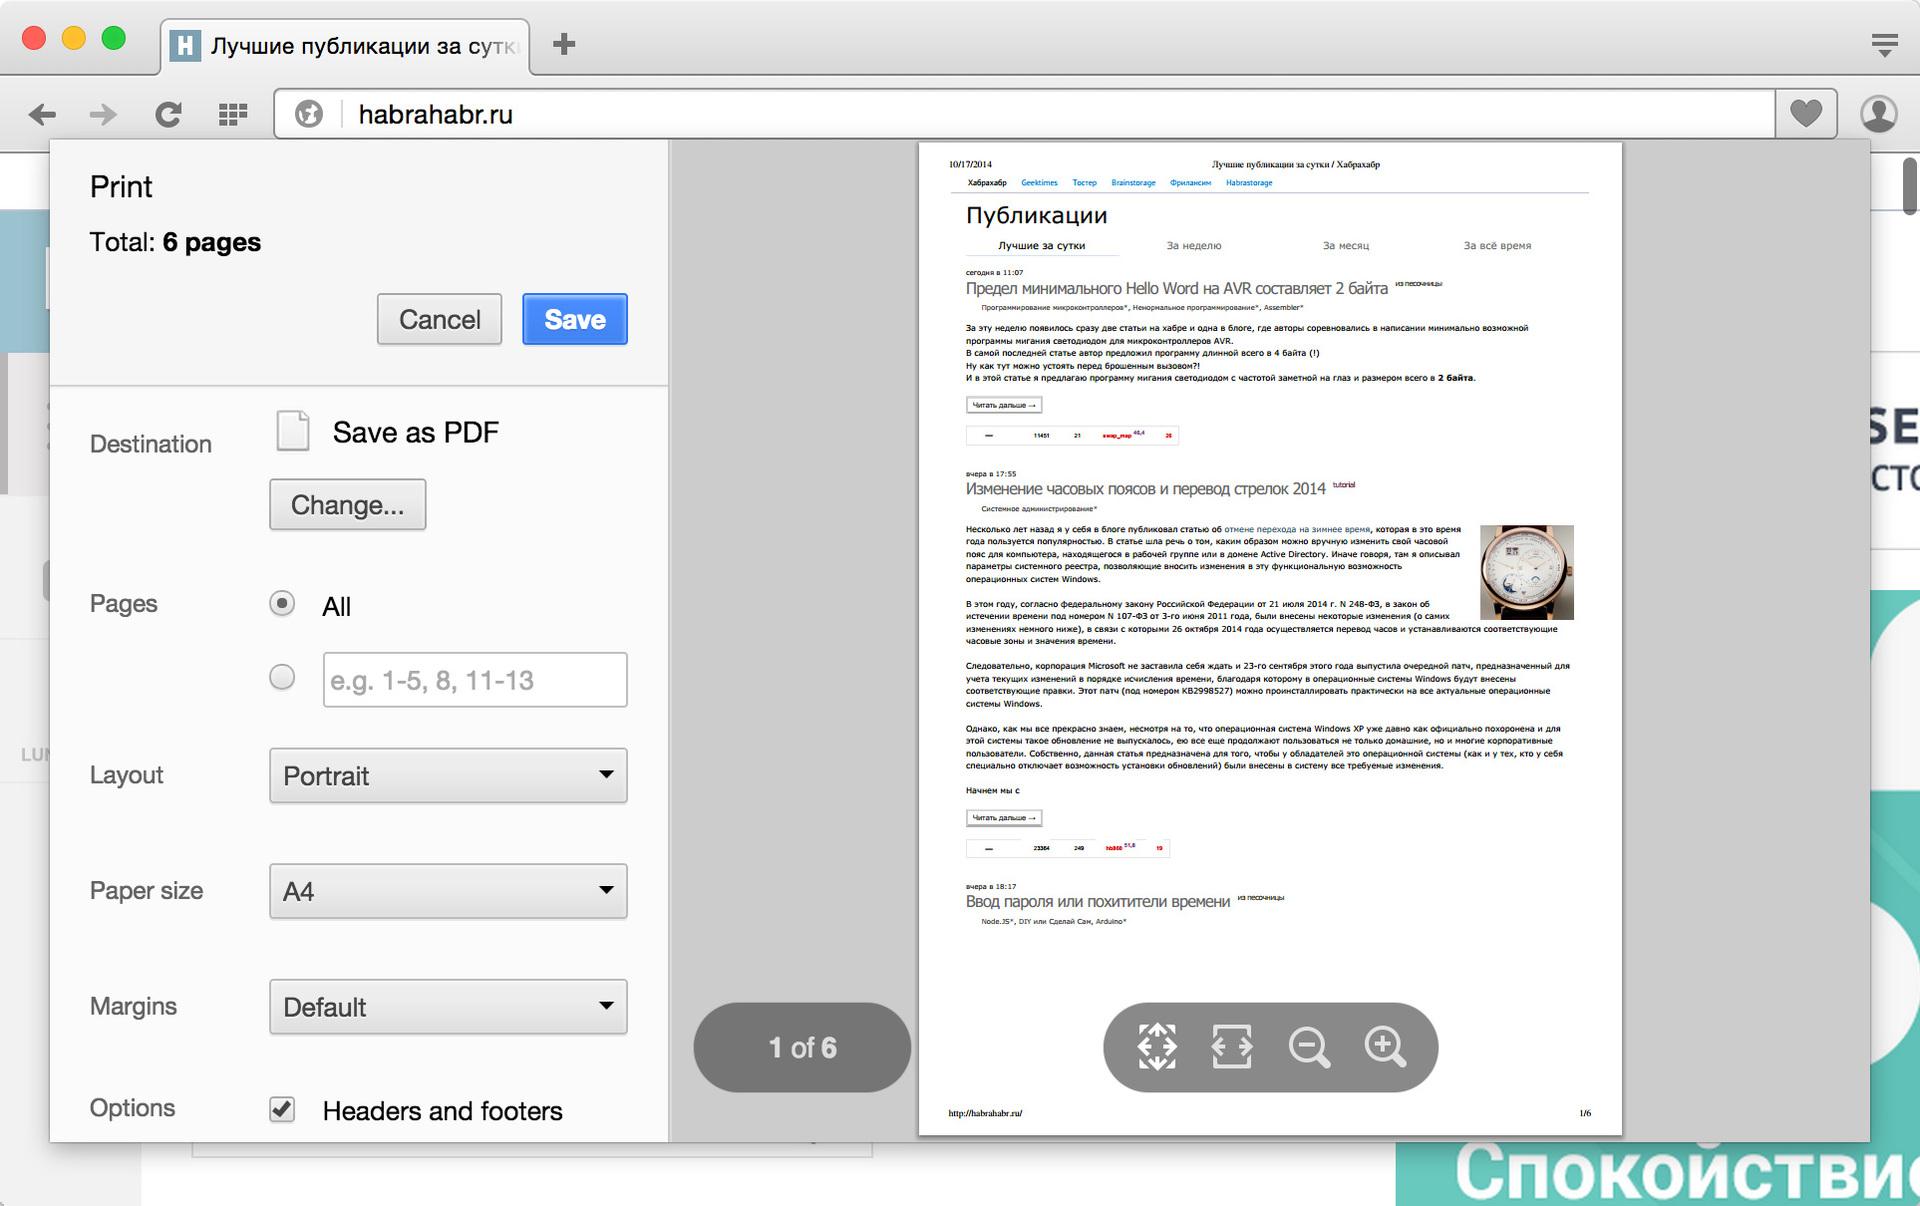 Список вкладок и просмотр печати в Opera Developer 26